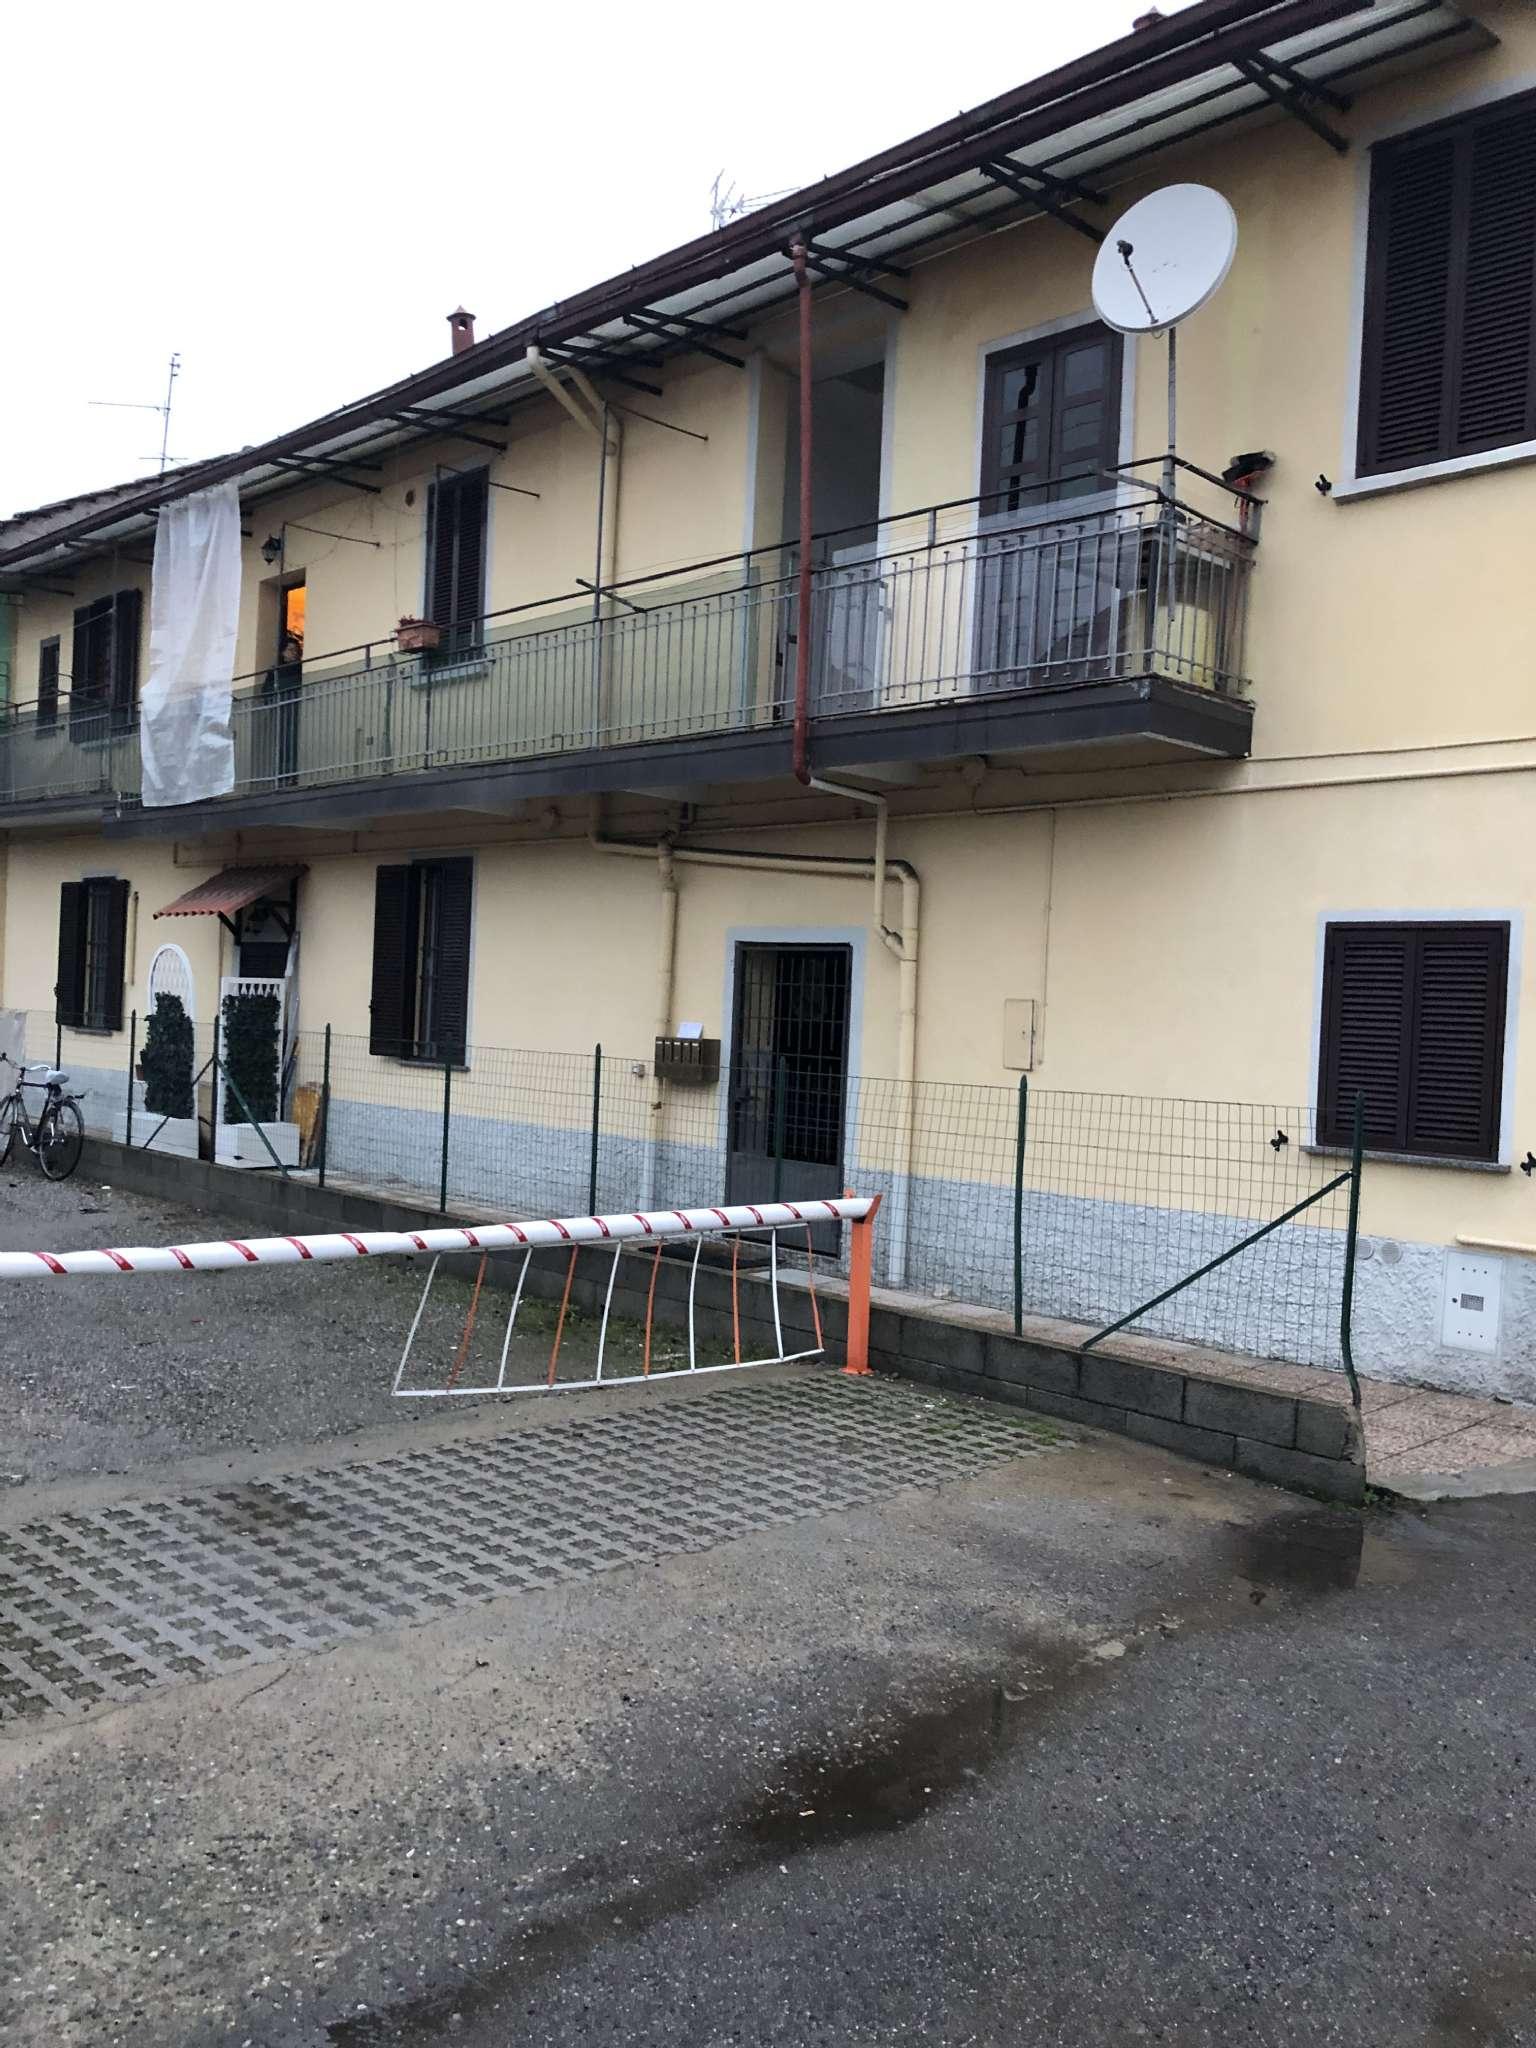 Agenzie Immobiliari Cologno Monzese appartamento in vendita cologno monzese via buonarrotti